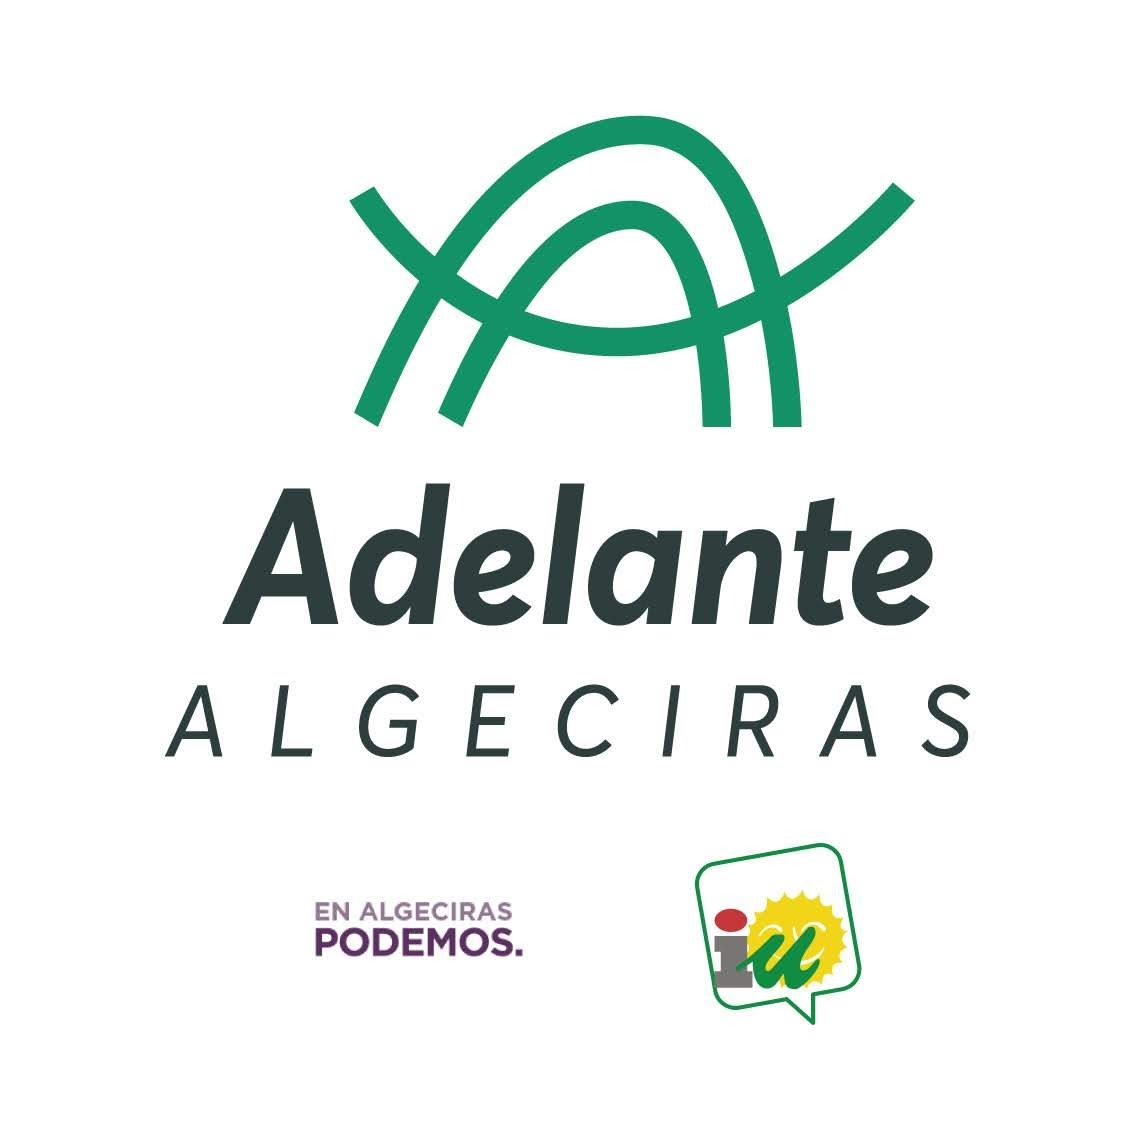 Adelante Algeciras apuesta por la gestión directa del servicio de ayuda a domicilio